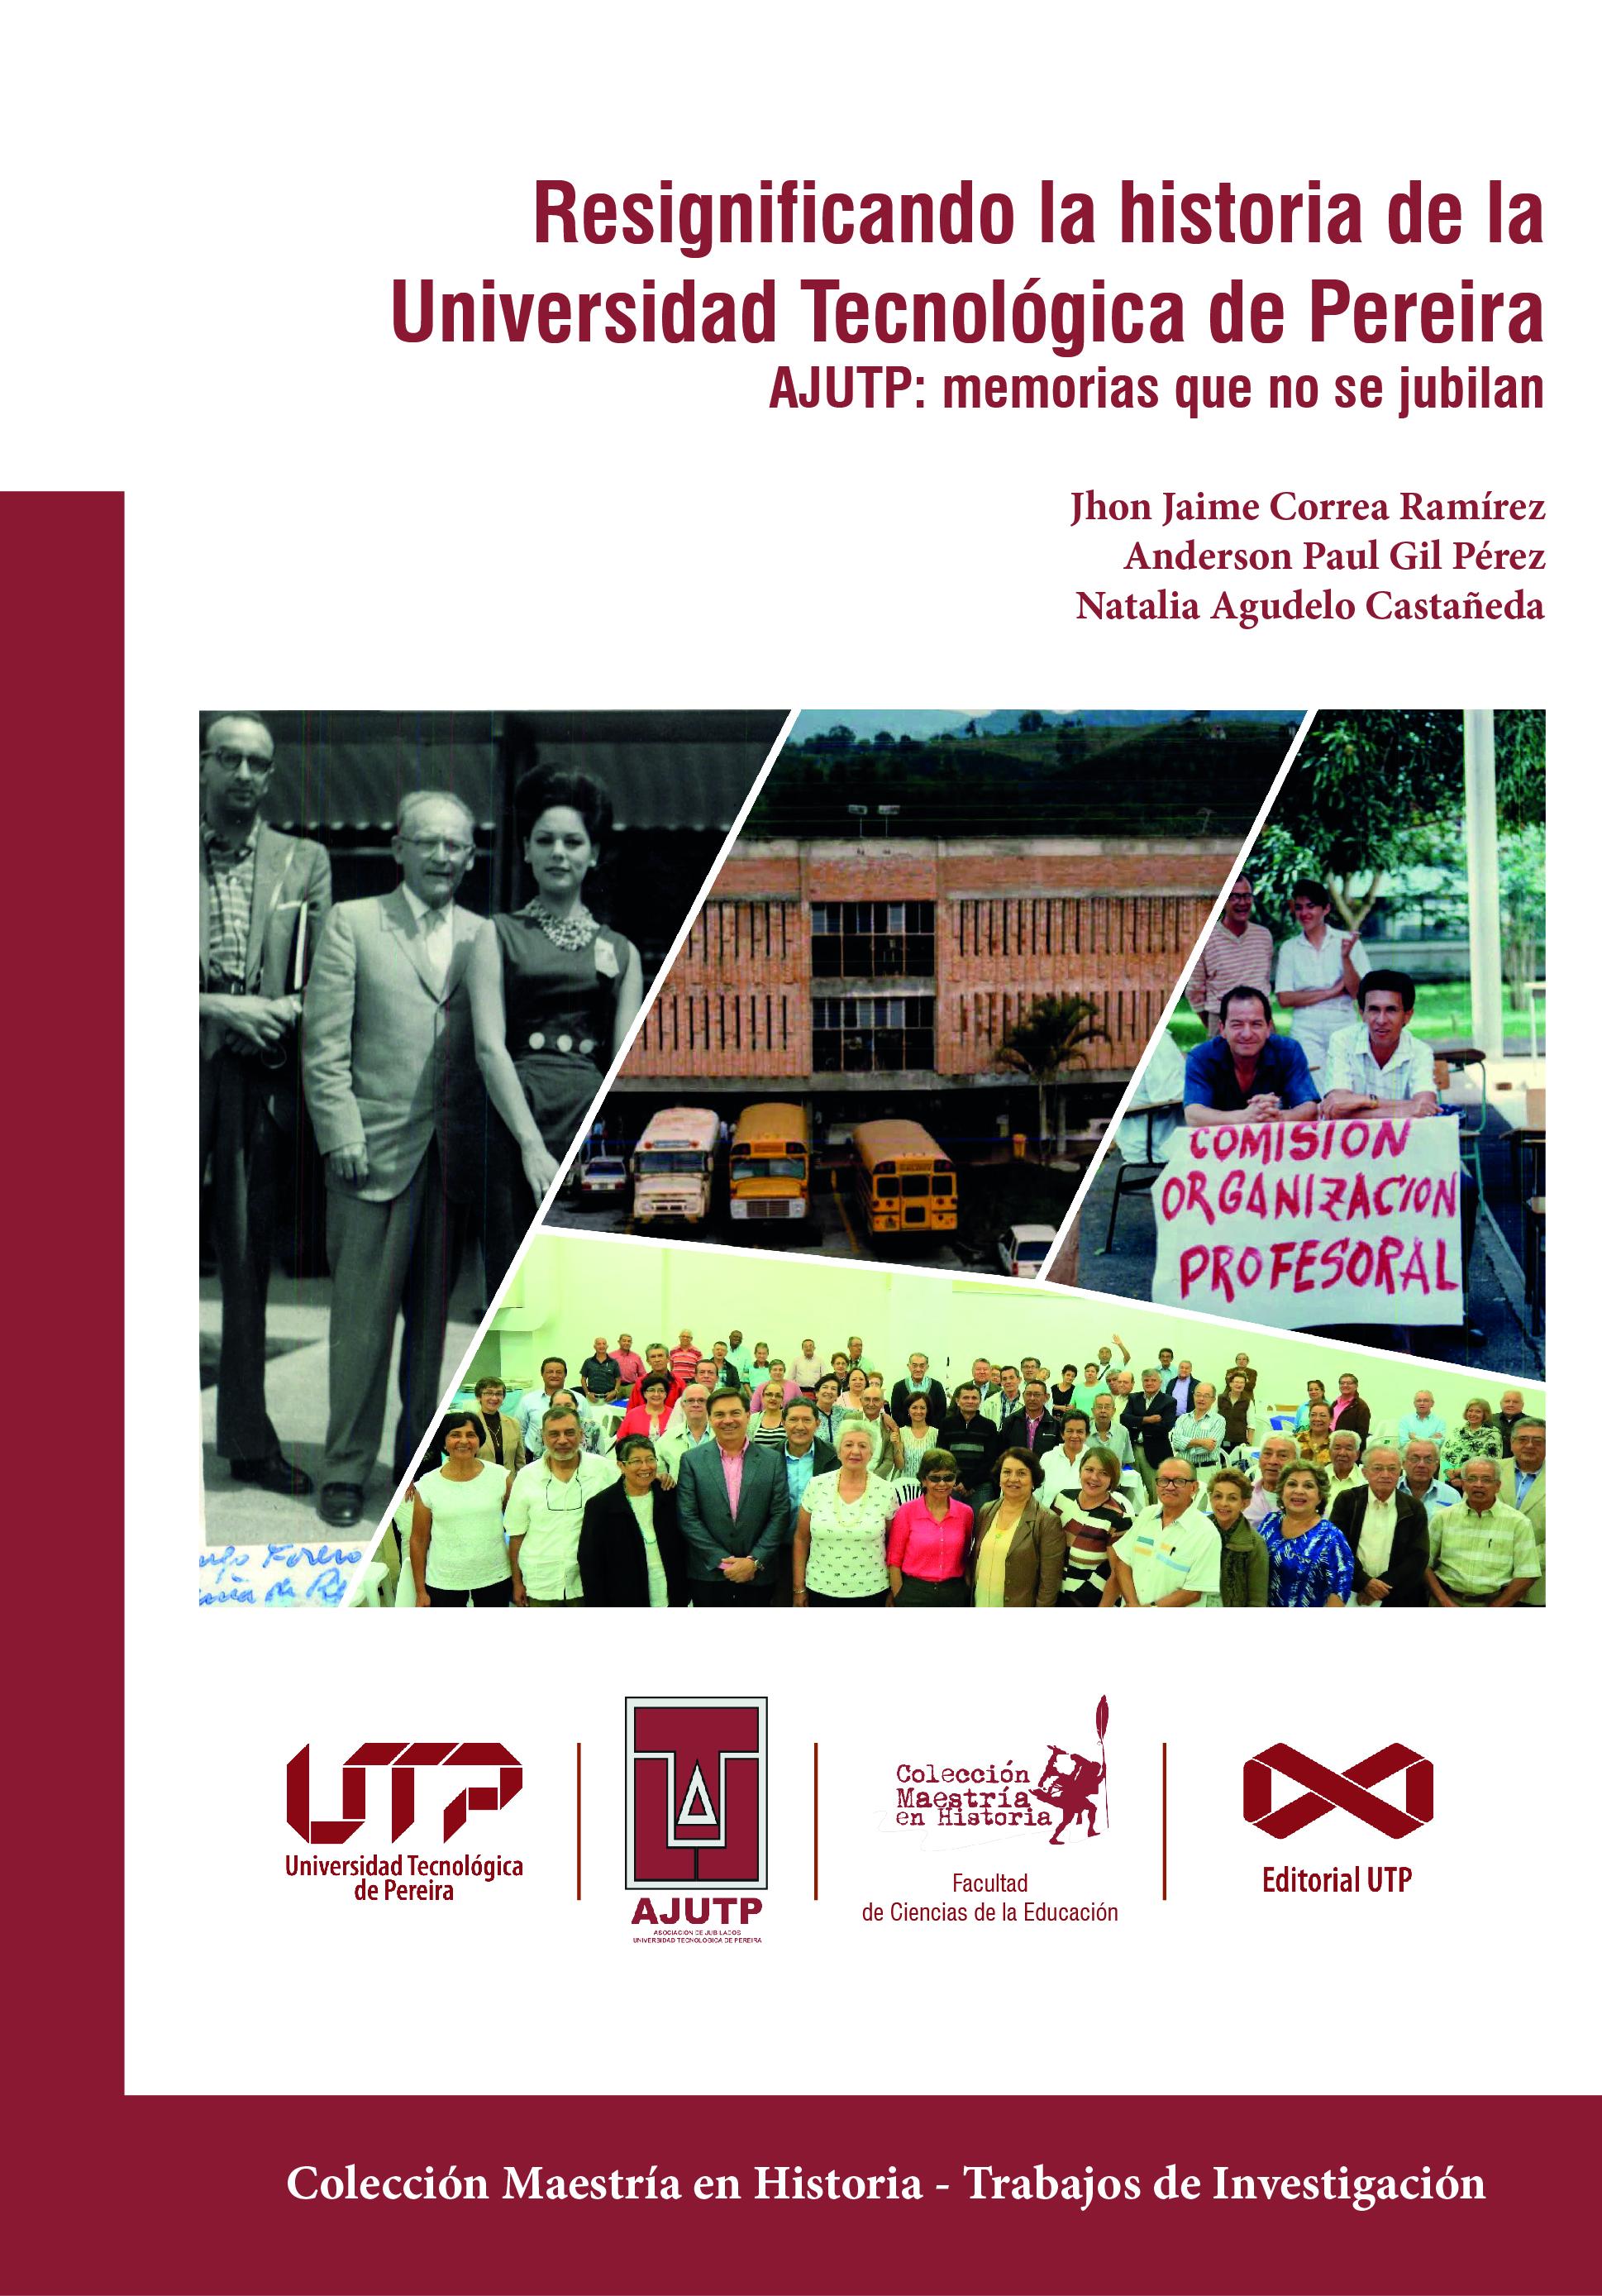 Resignificando la historia de la Universidad Tecnológica de Pereira. AJUTP : Memorias que no se jubilan